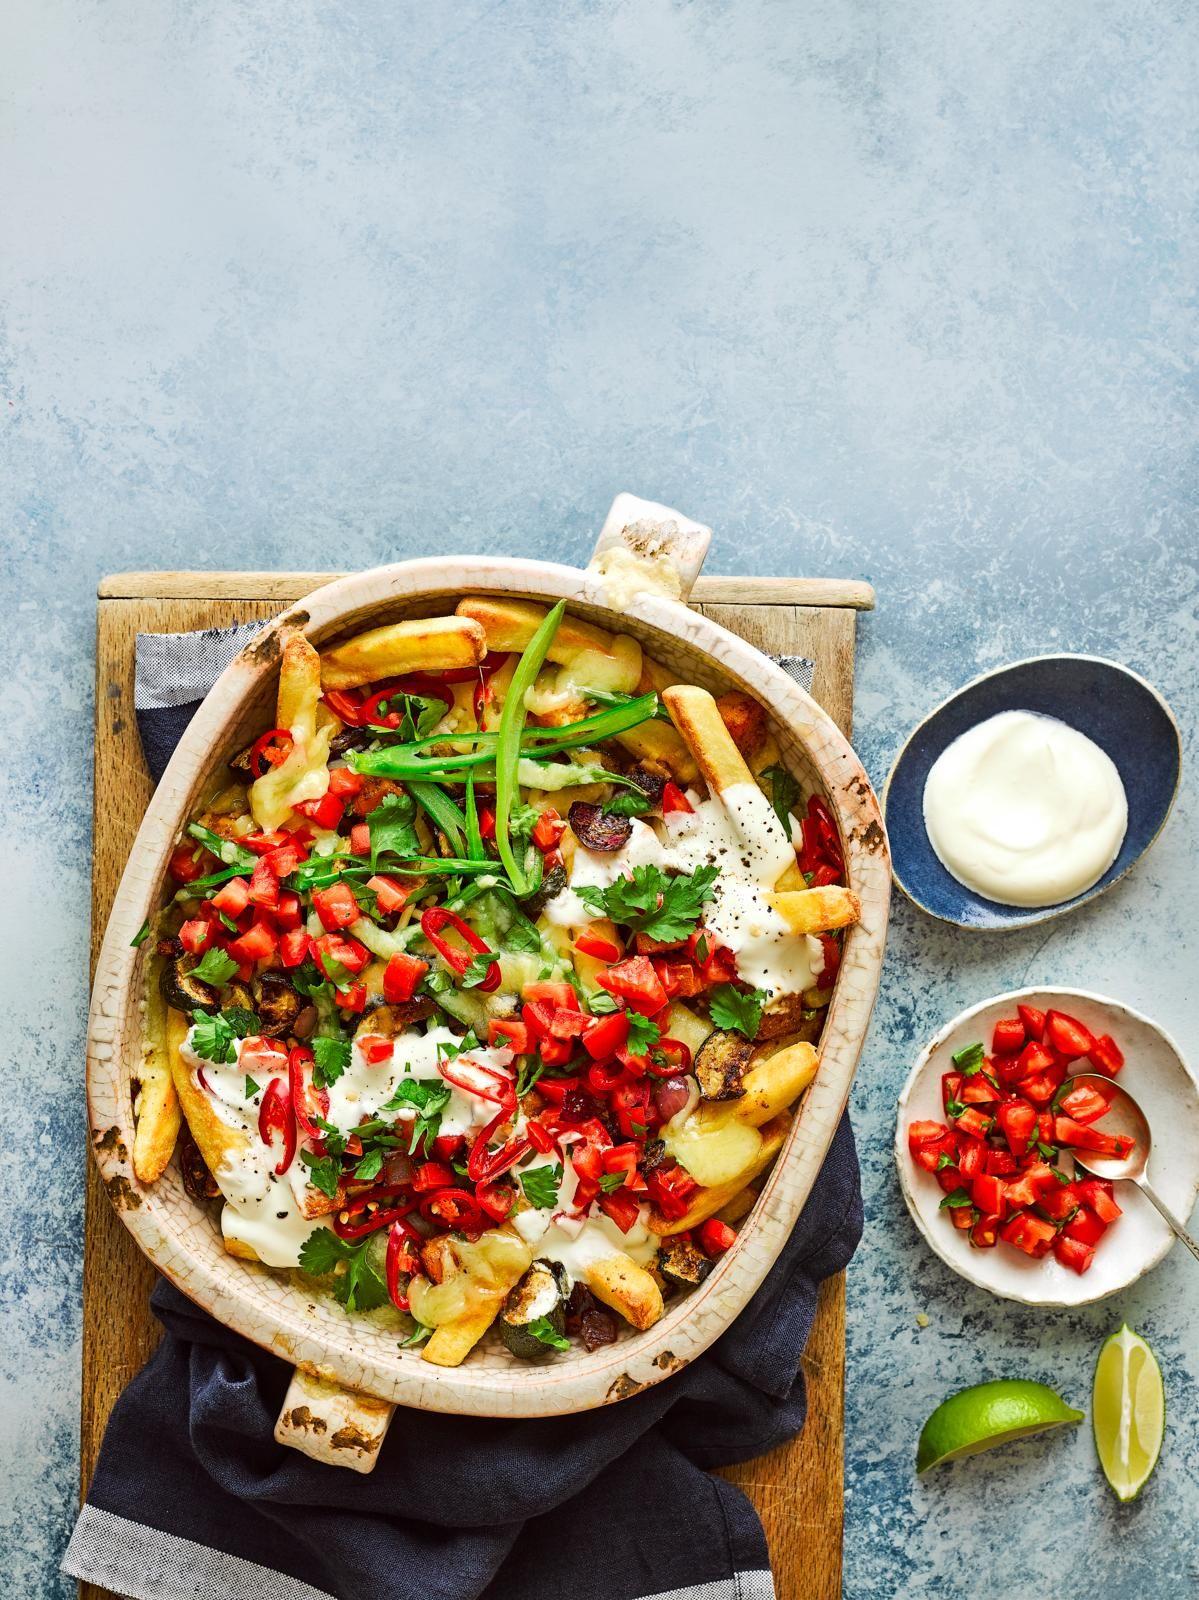 Cartofi prăjiți cu legume